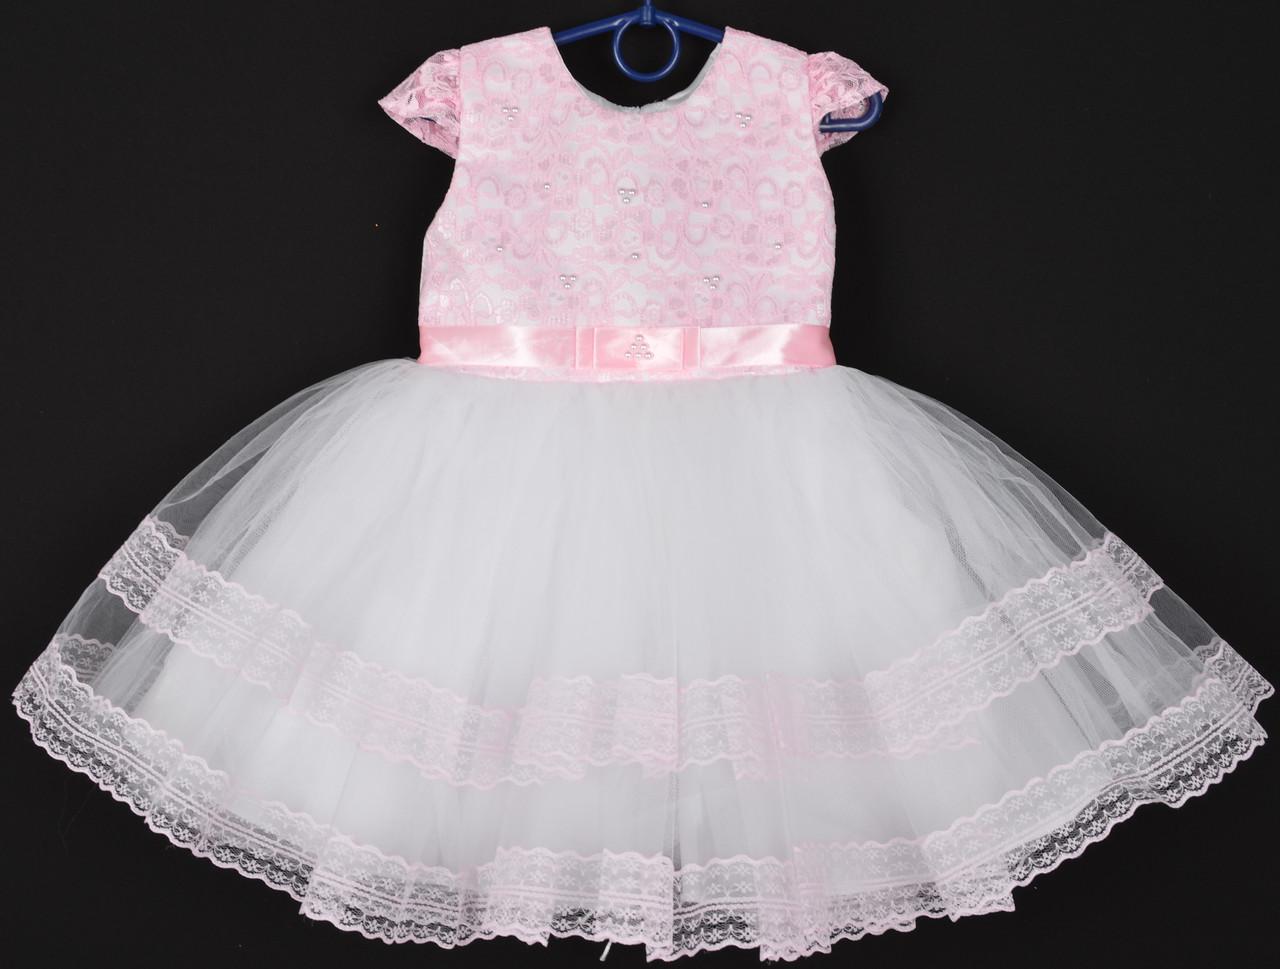 """Платье нарядное детское """"Лилия"""" с гипюром на корсете. 2-3 года. Розово-белое. Оптом и в розницу"""